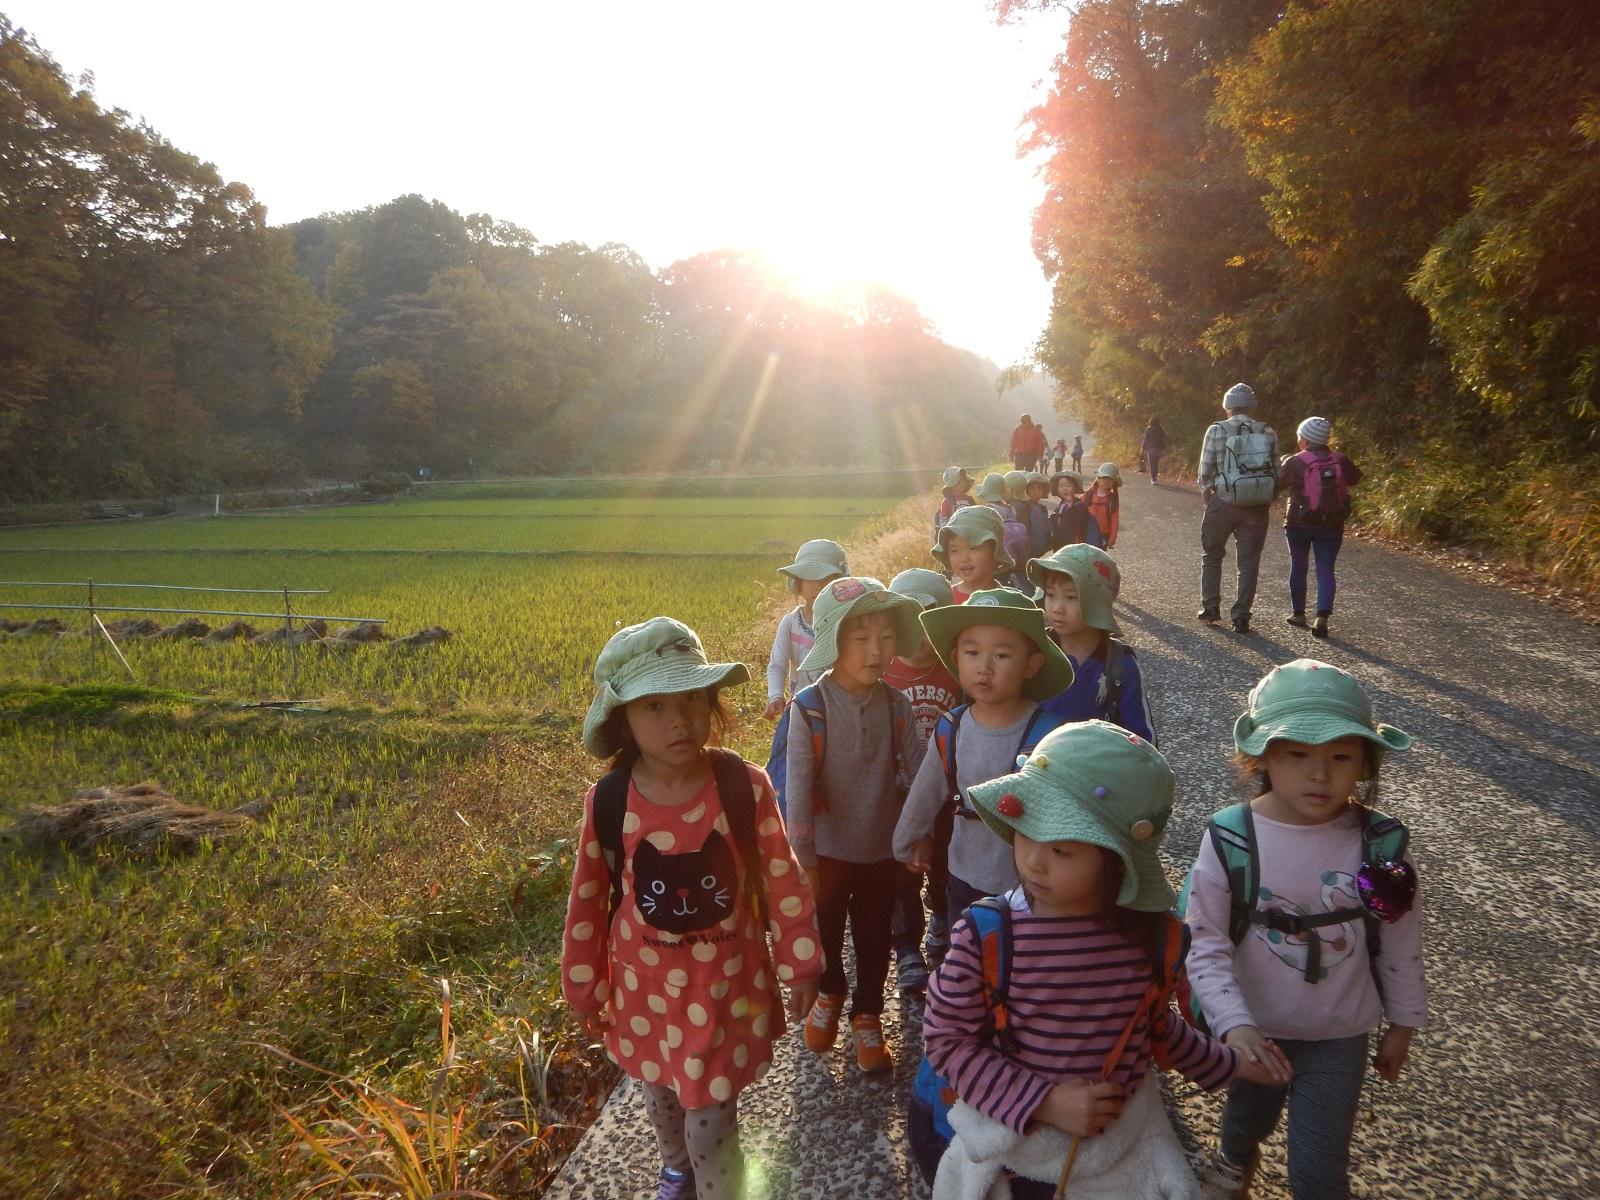 森のようちえん めーぷるキッズ(横浜市・認可外施設)2020年度 新3歳児クラス入園説明会開催のお知らせ